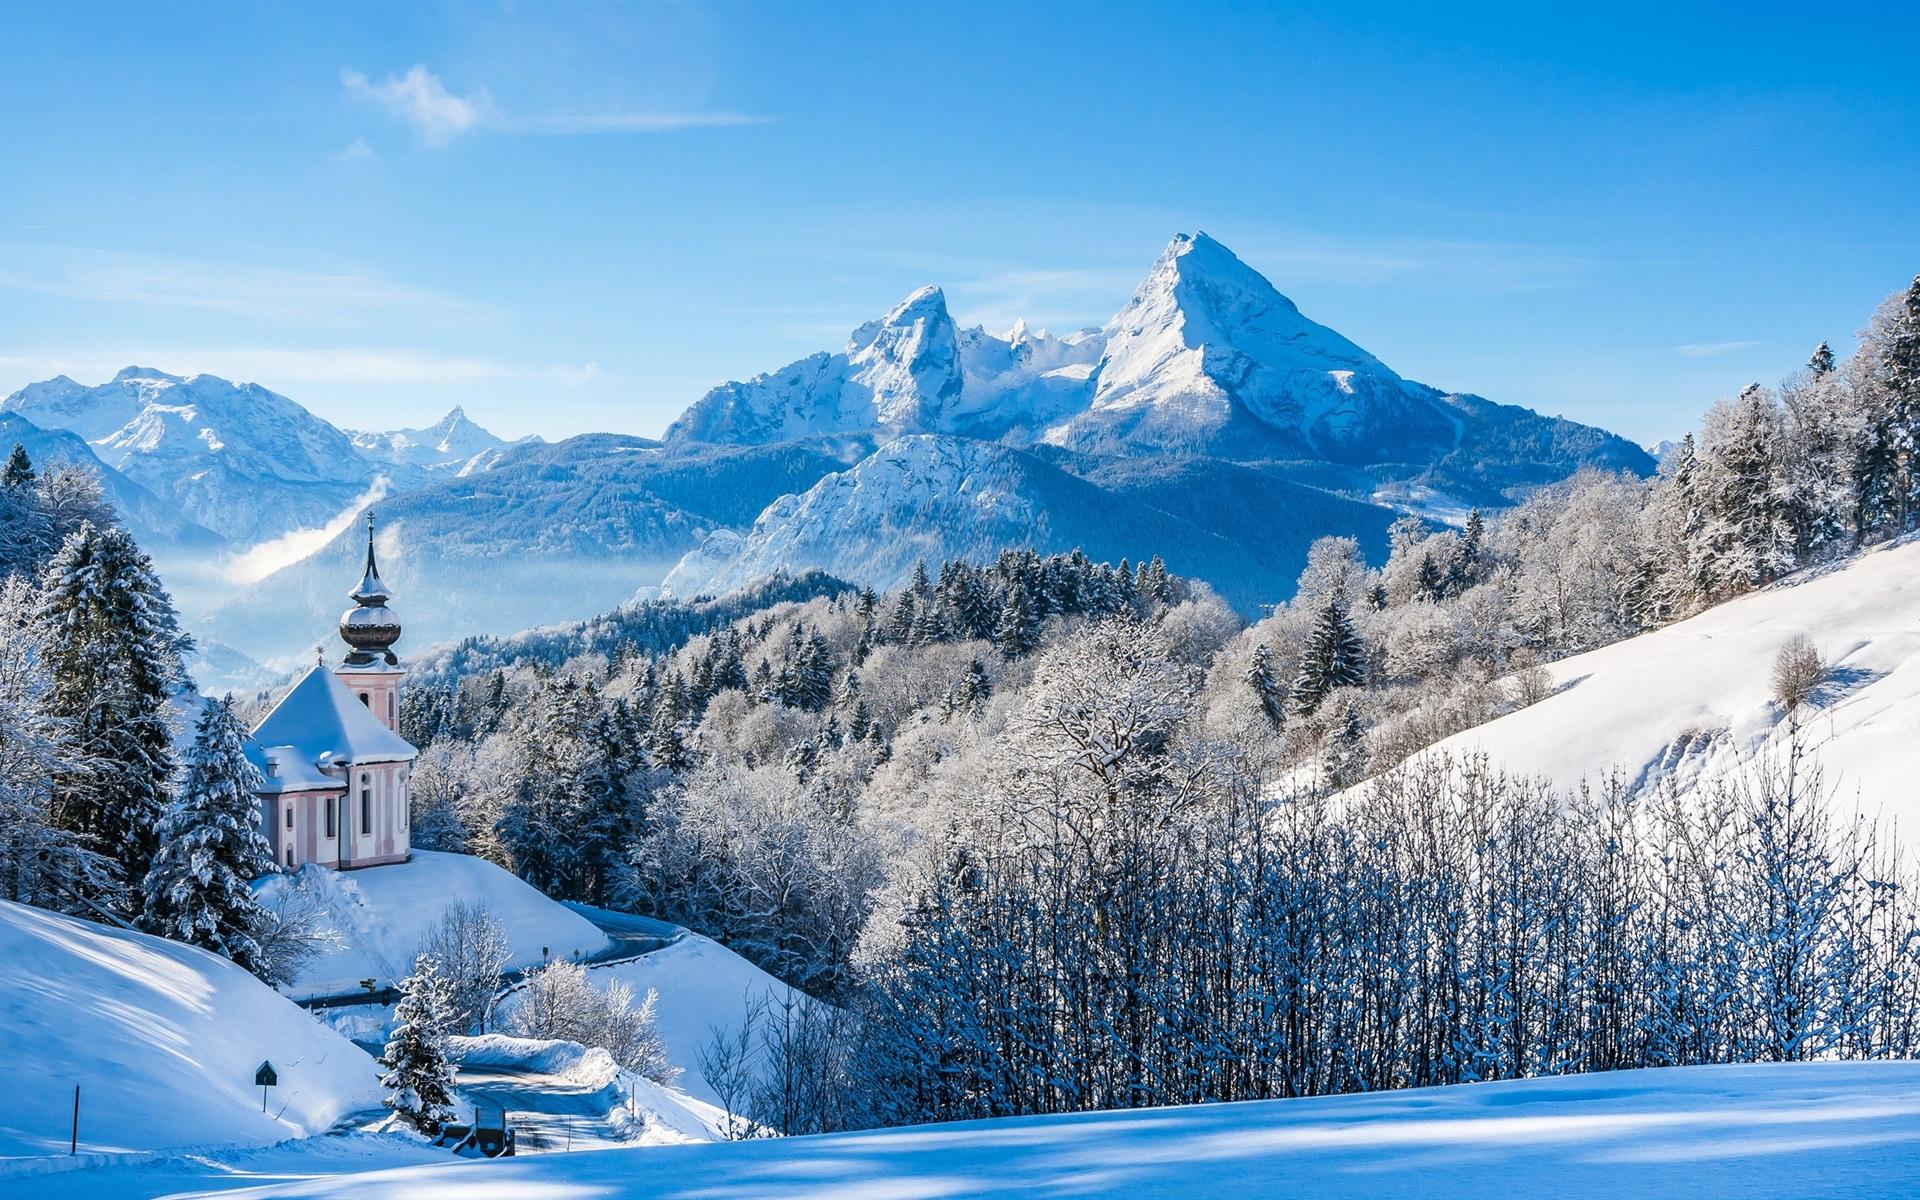 deutschland bayern alpen winter schnee berge b ume haus hintergrundbilder 1920x1200. Black Bedroom Furniture Sets. Home Design Ideas